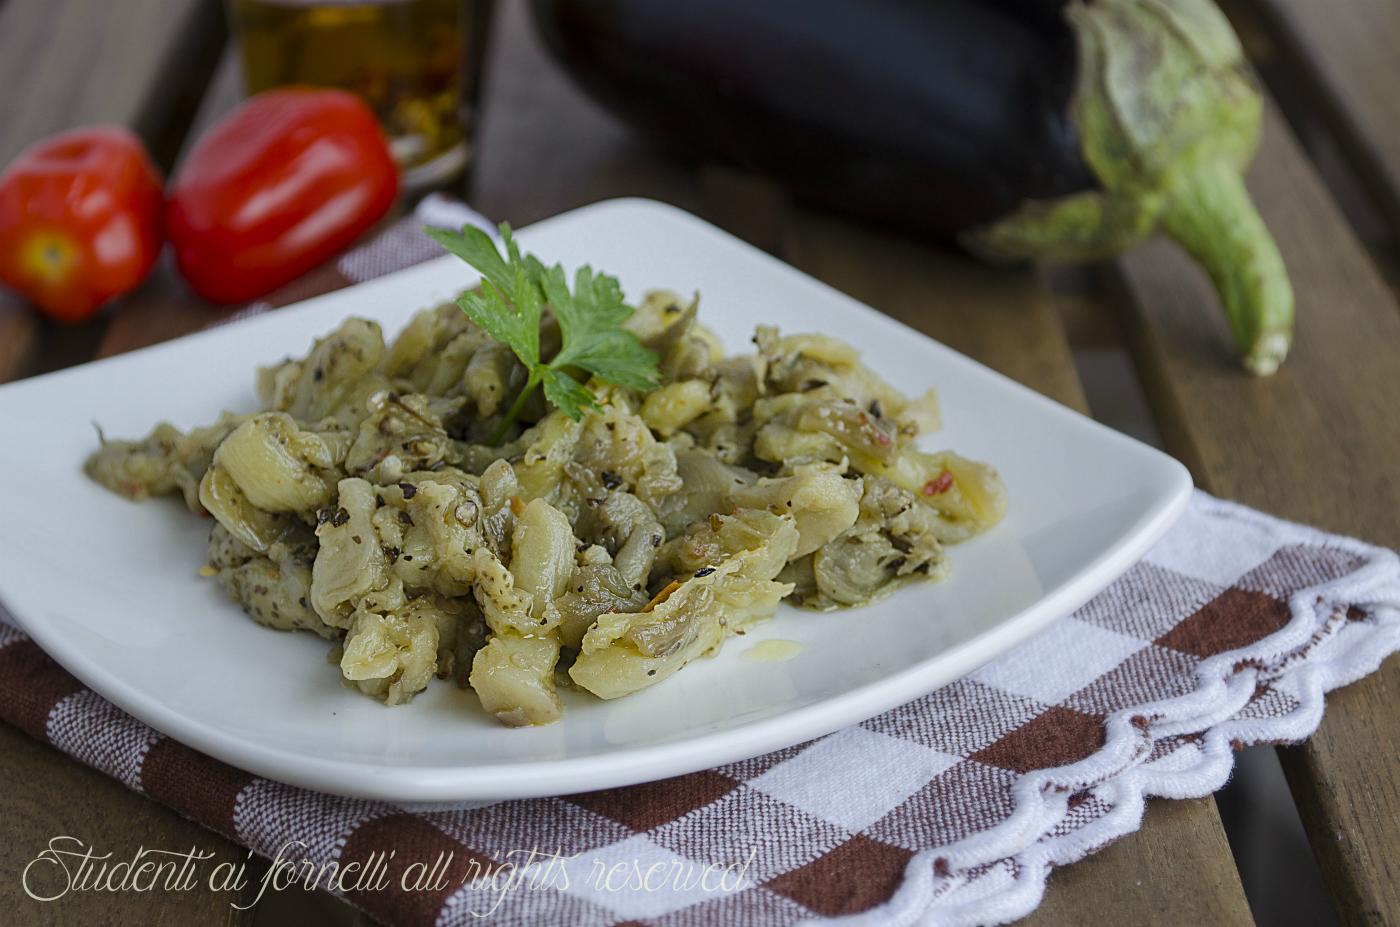 melanzane all'insalata ricetta contorno estivo saporito